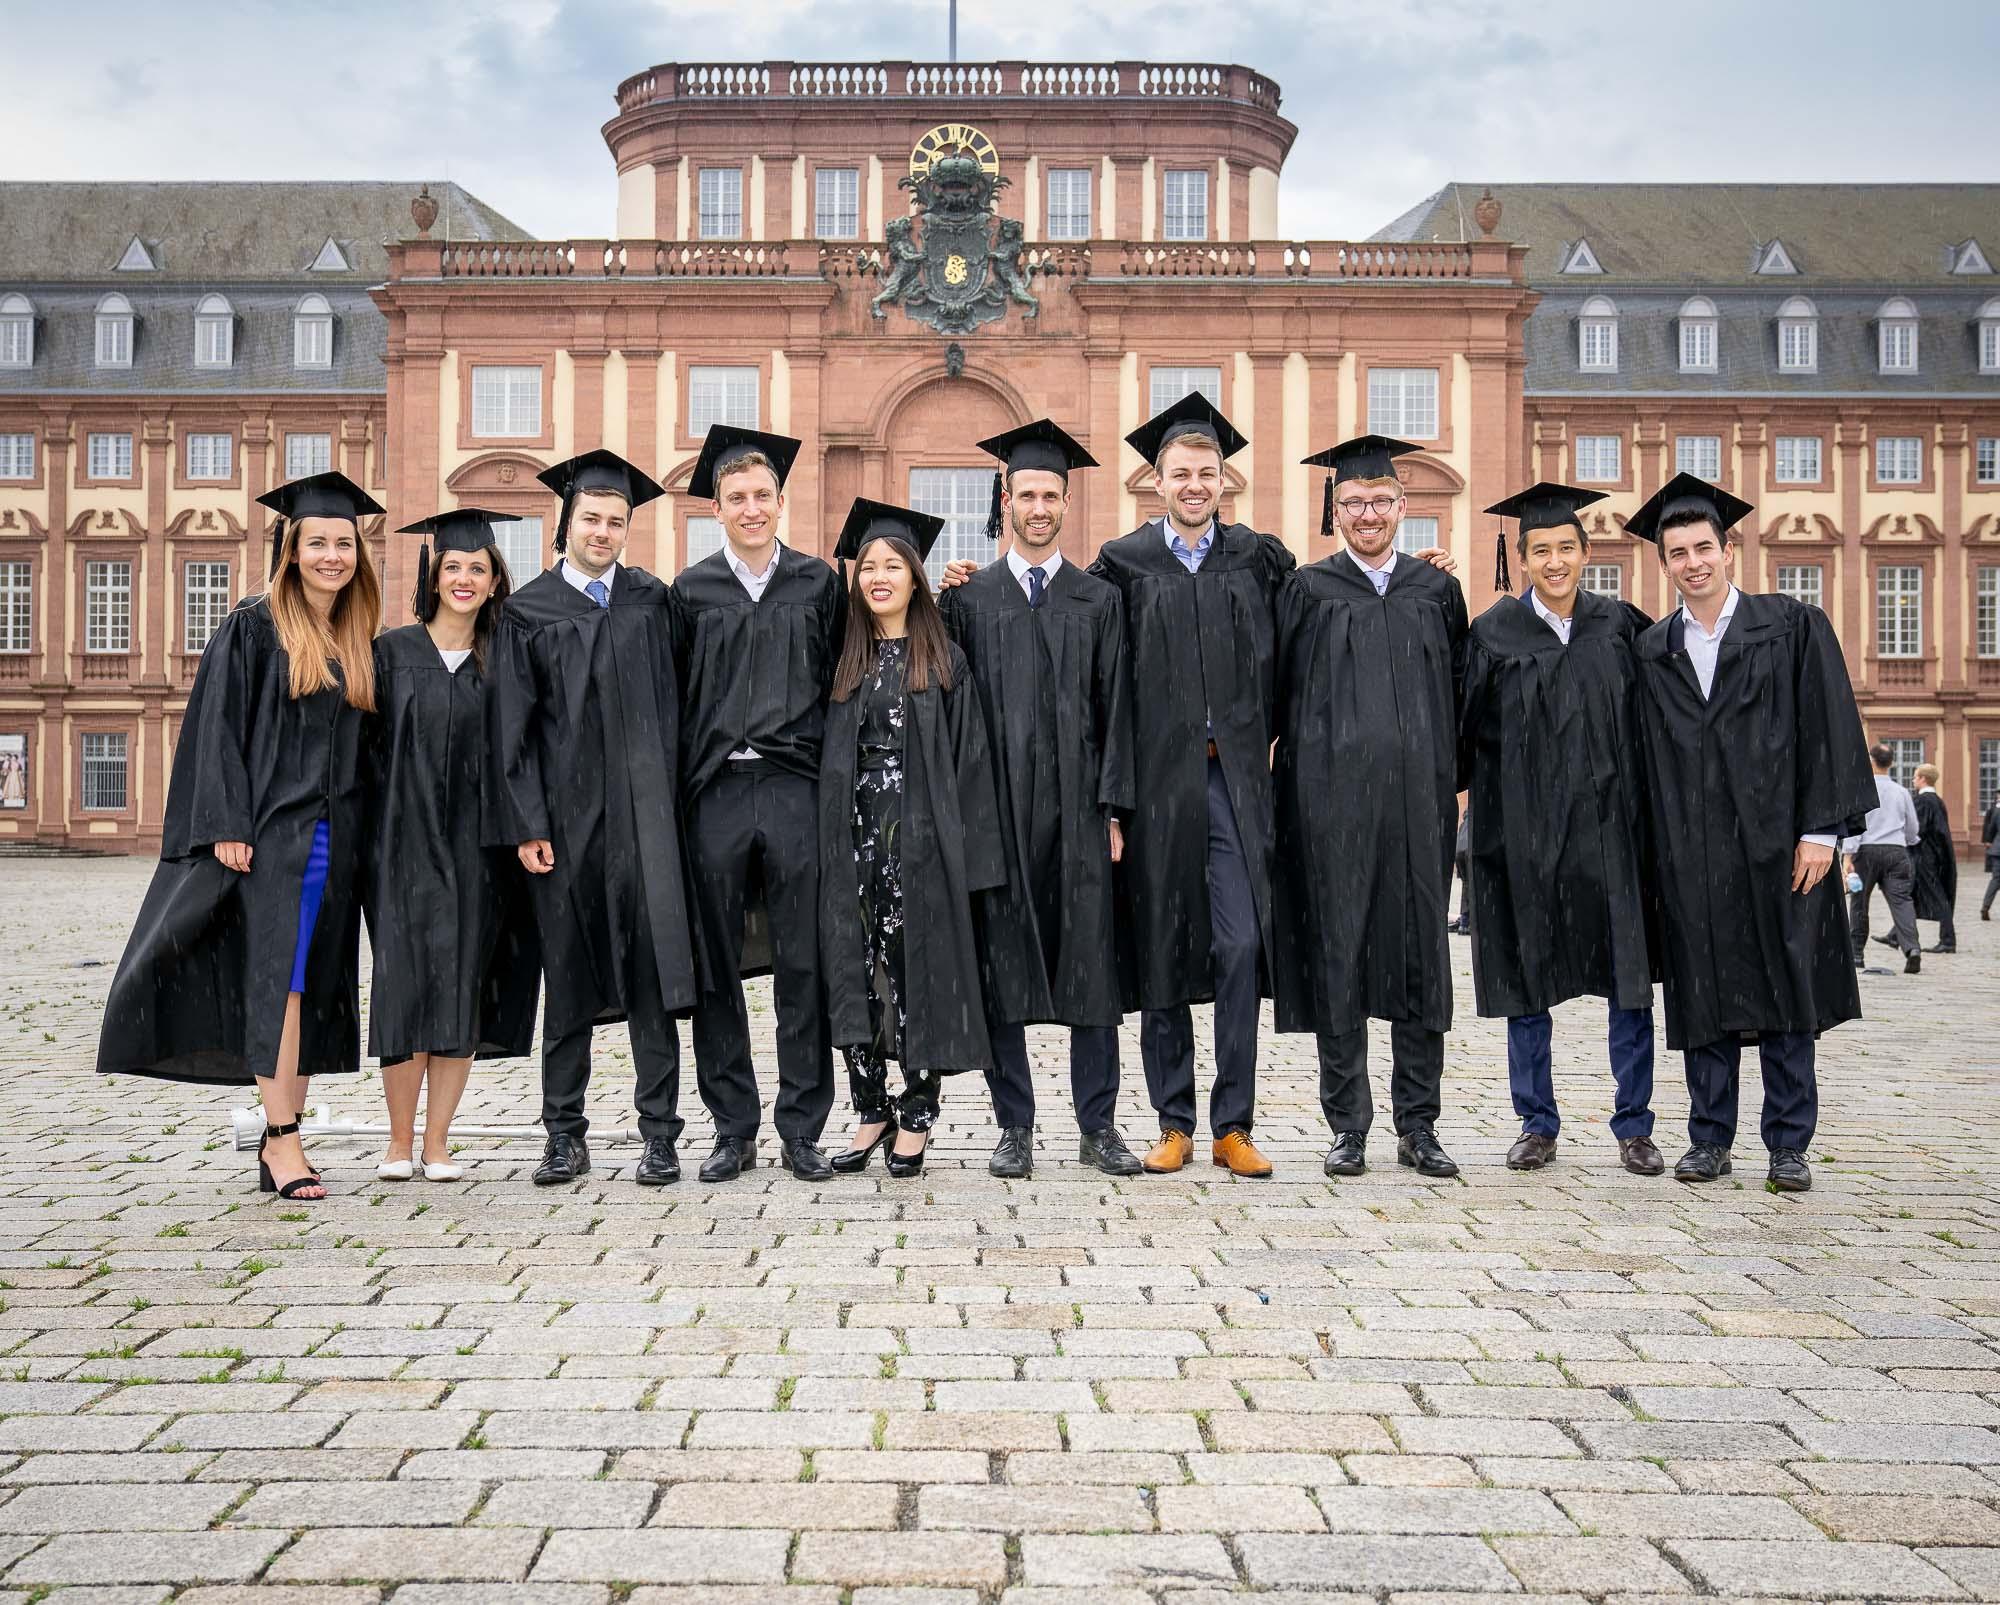 tschloss / Mannheim Masters of Management